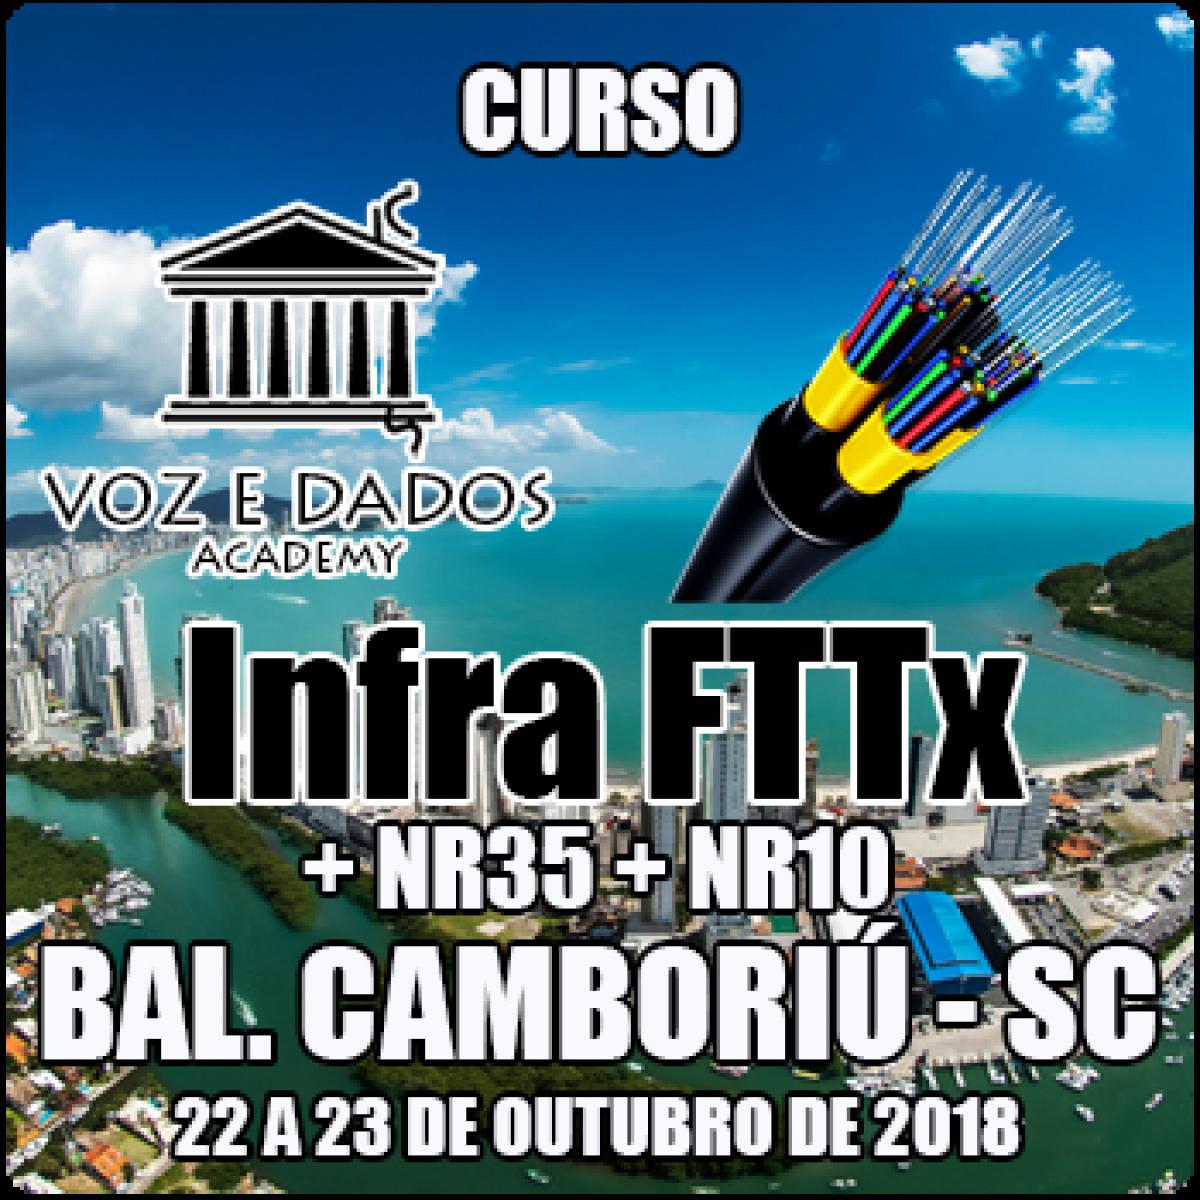 CURSO INFRA FTTX + NR35 + NR10